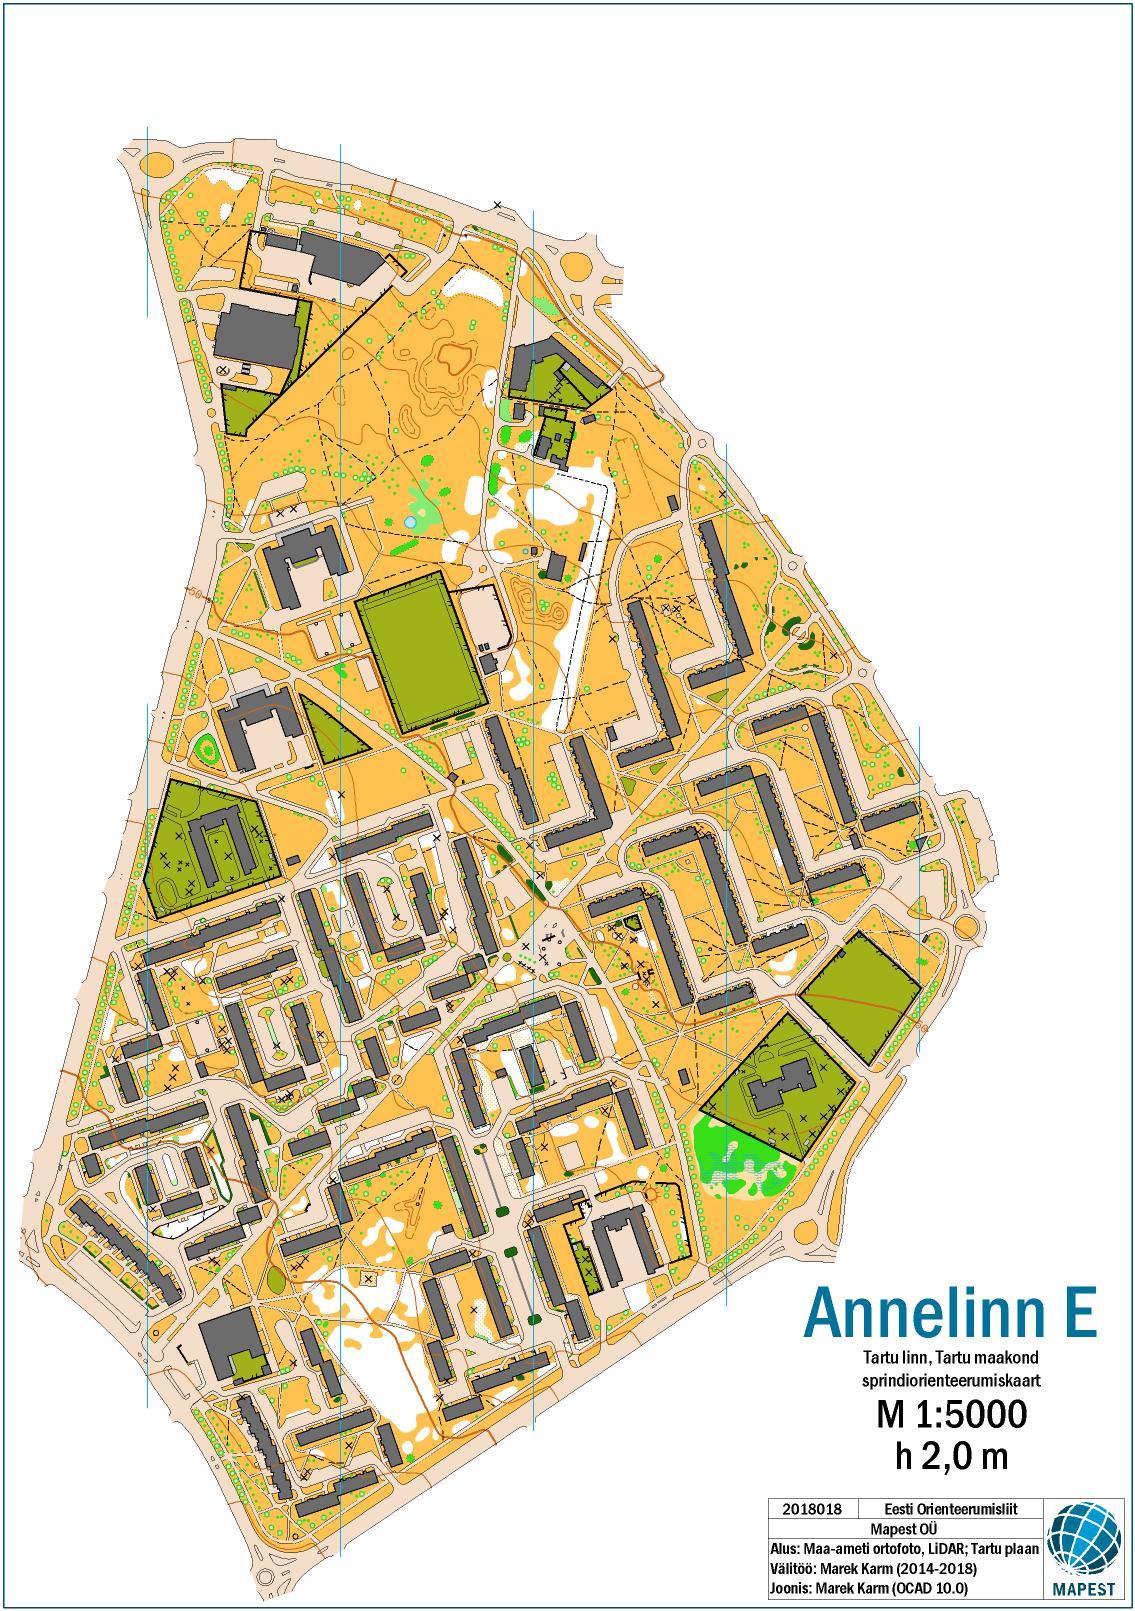 Annelinn E